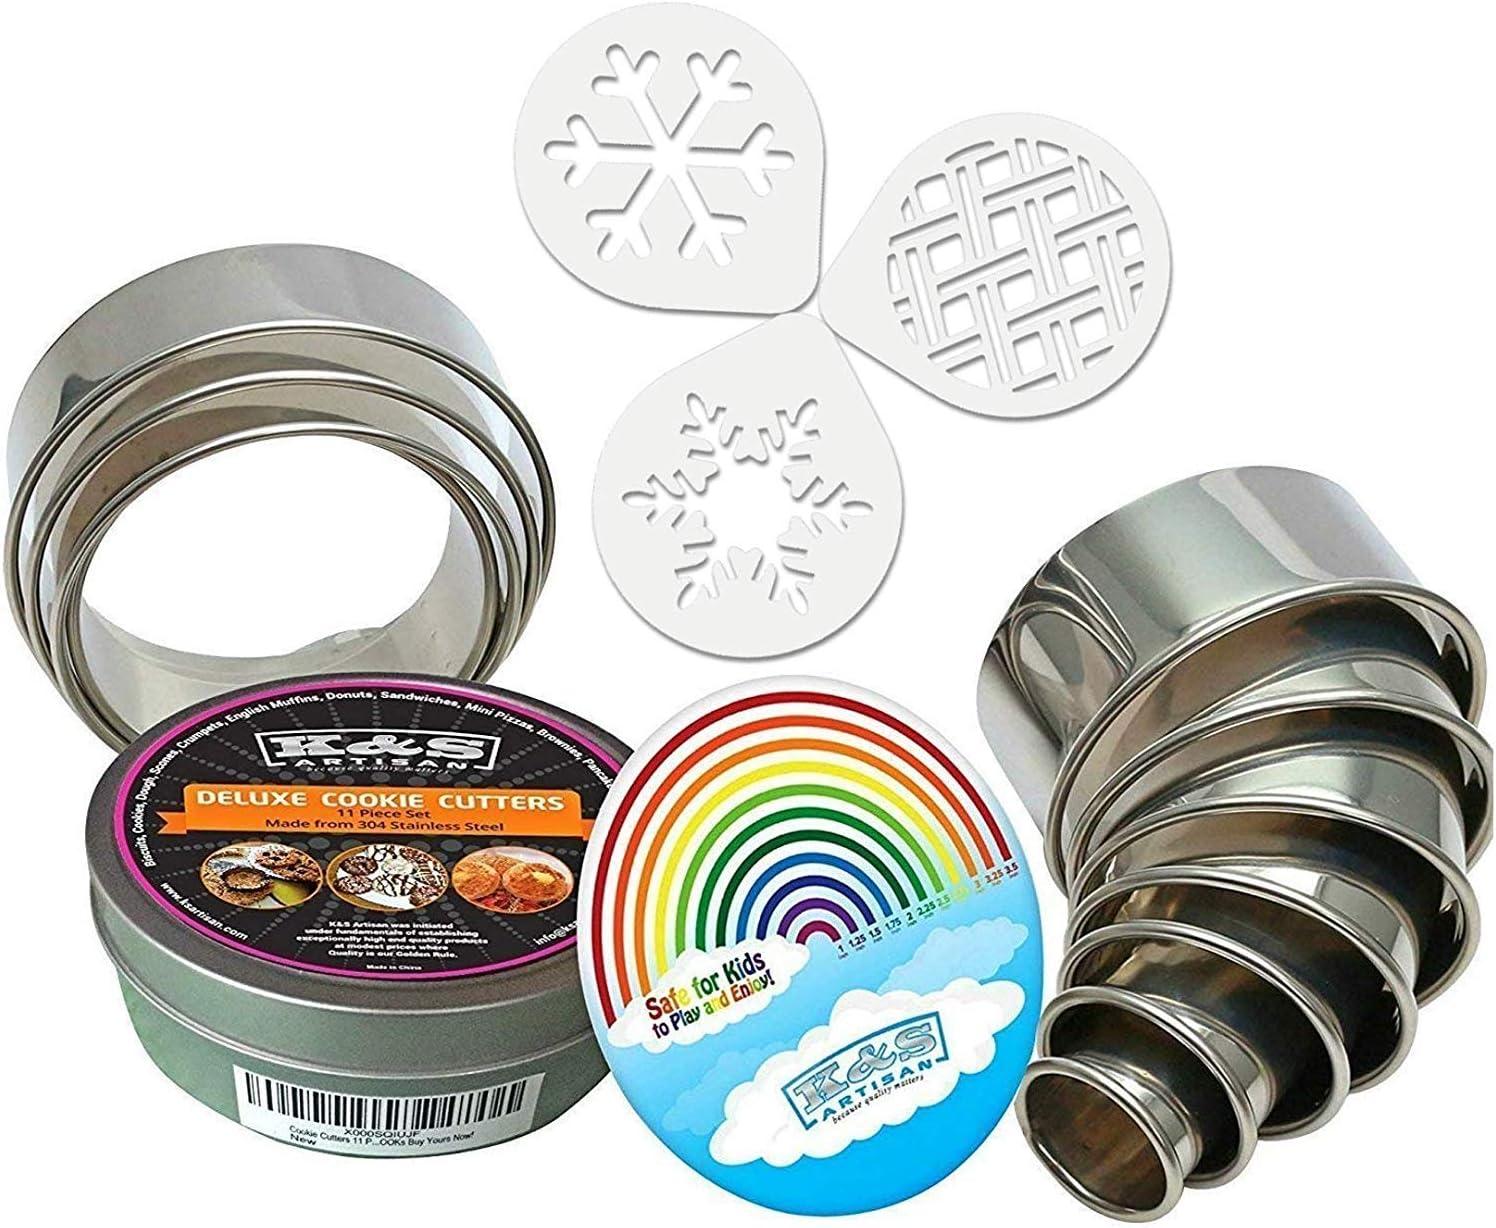 K&S Artisan Heavy Duty Biscuit Cutter